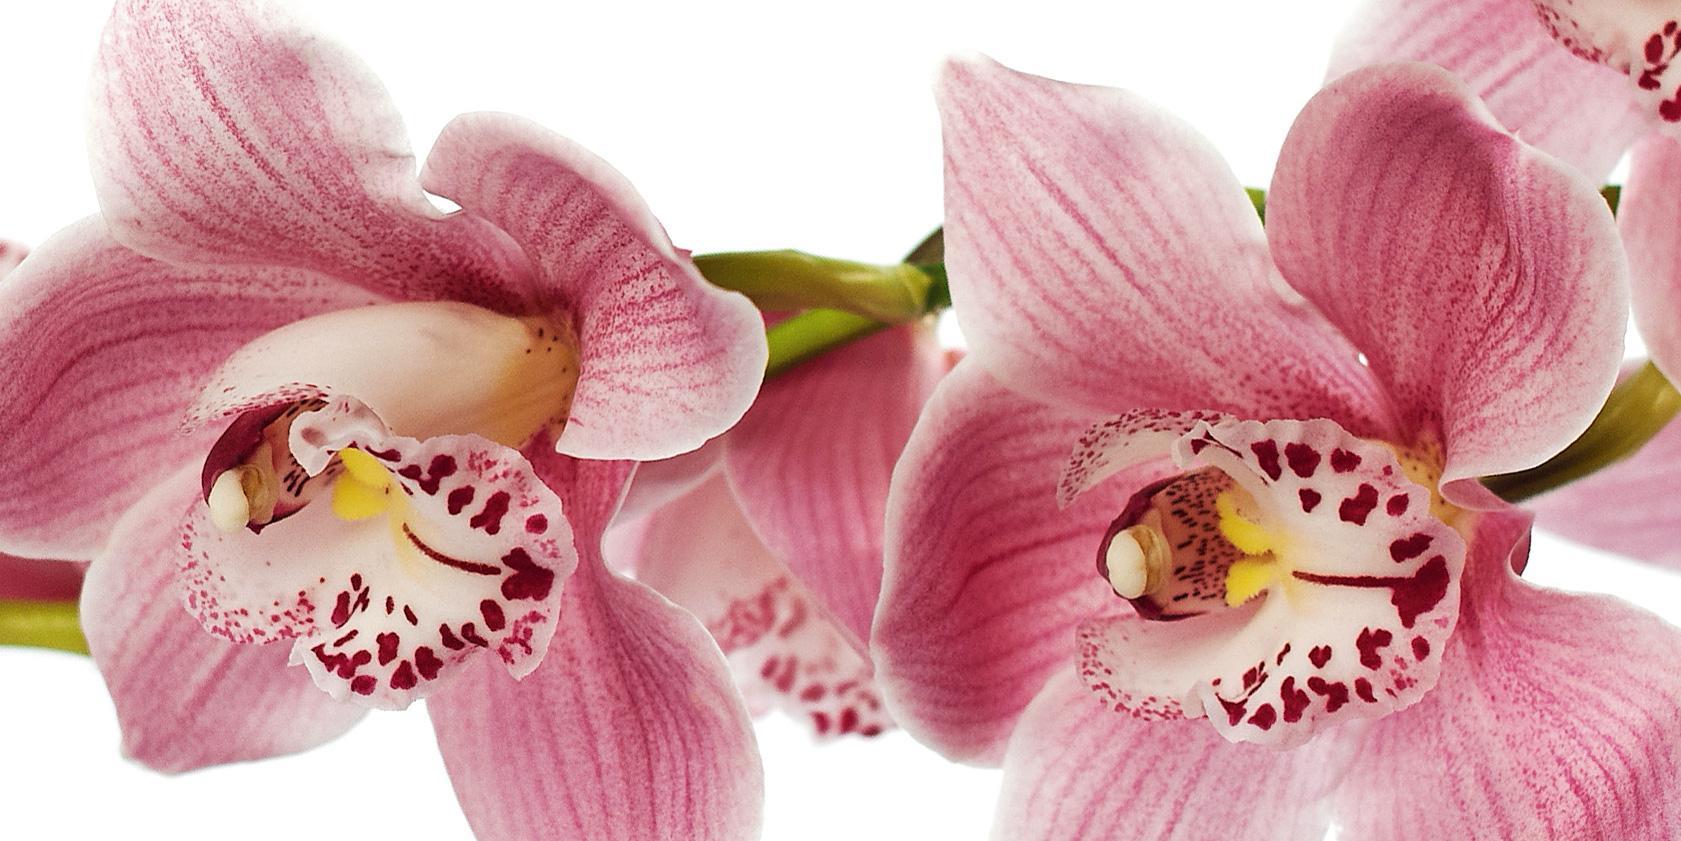 Le orchidee adesso riposano cose di casa for Orchidee in casa